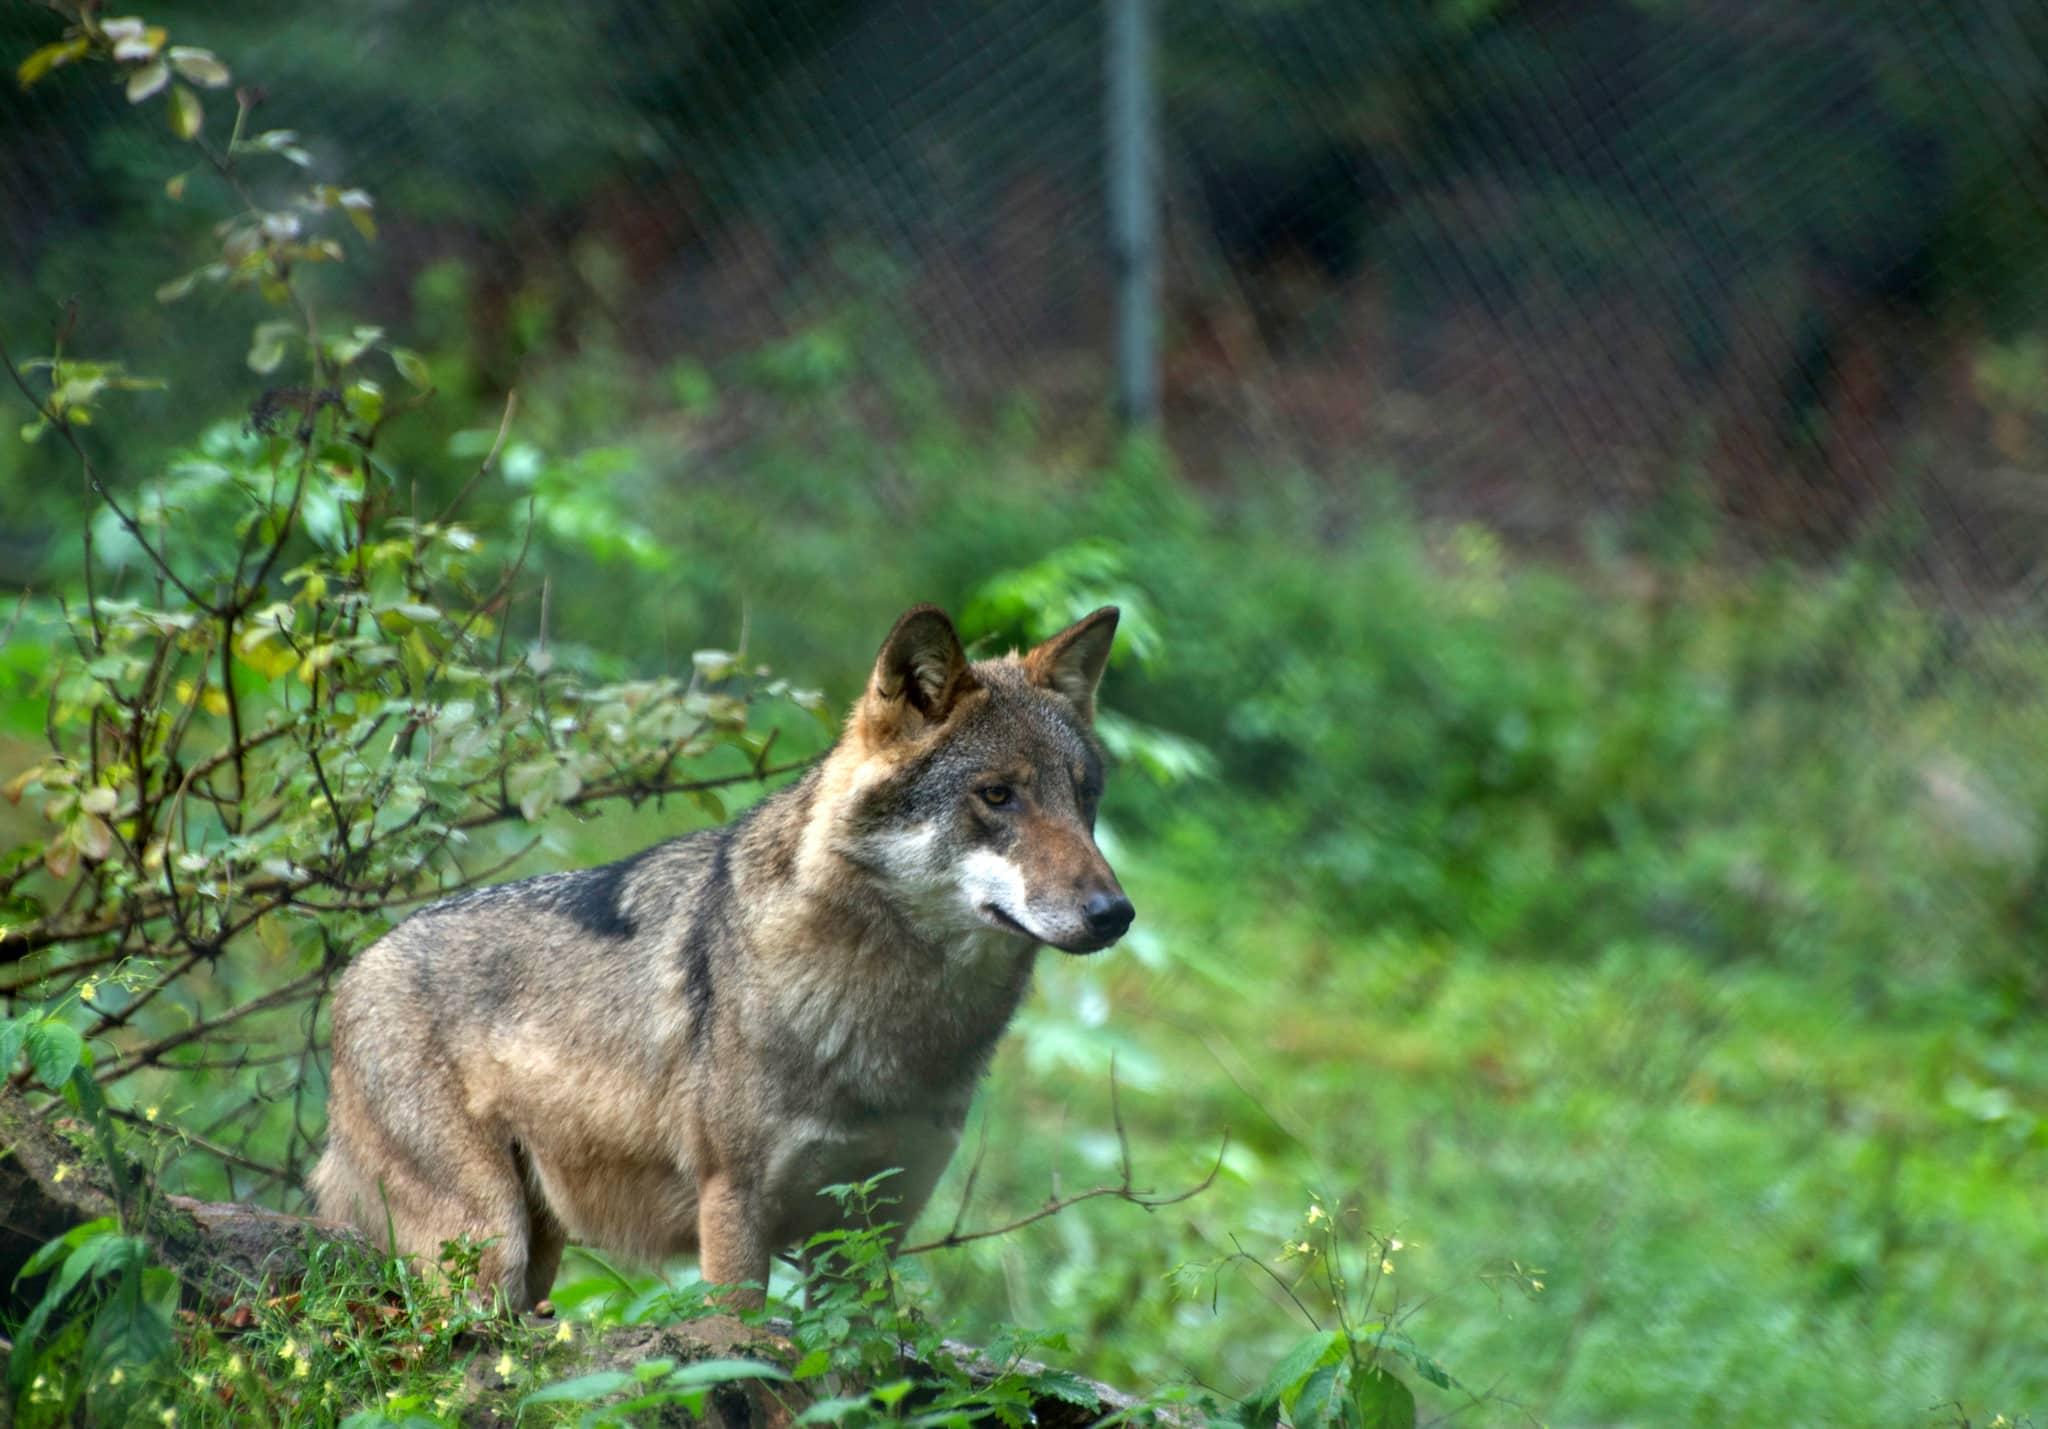 I Danmark undersöks nu möjligheterna att hägna in de vargar som finns i landet.